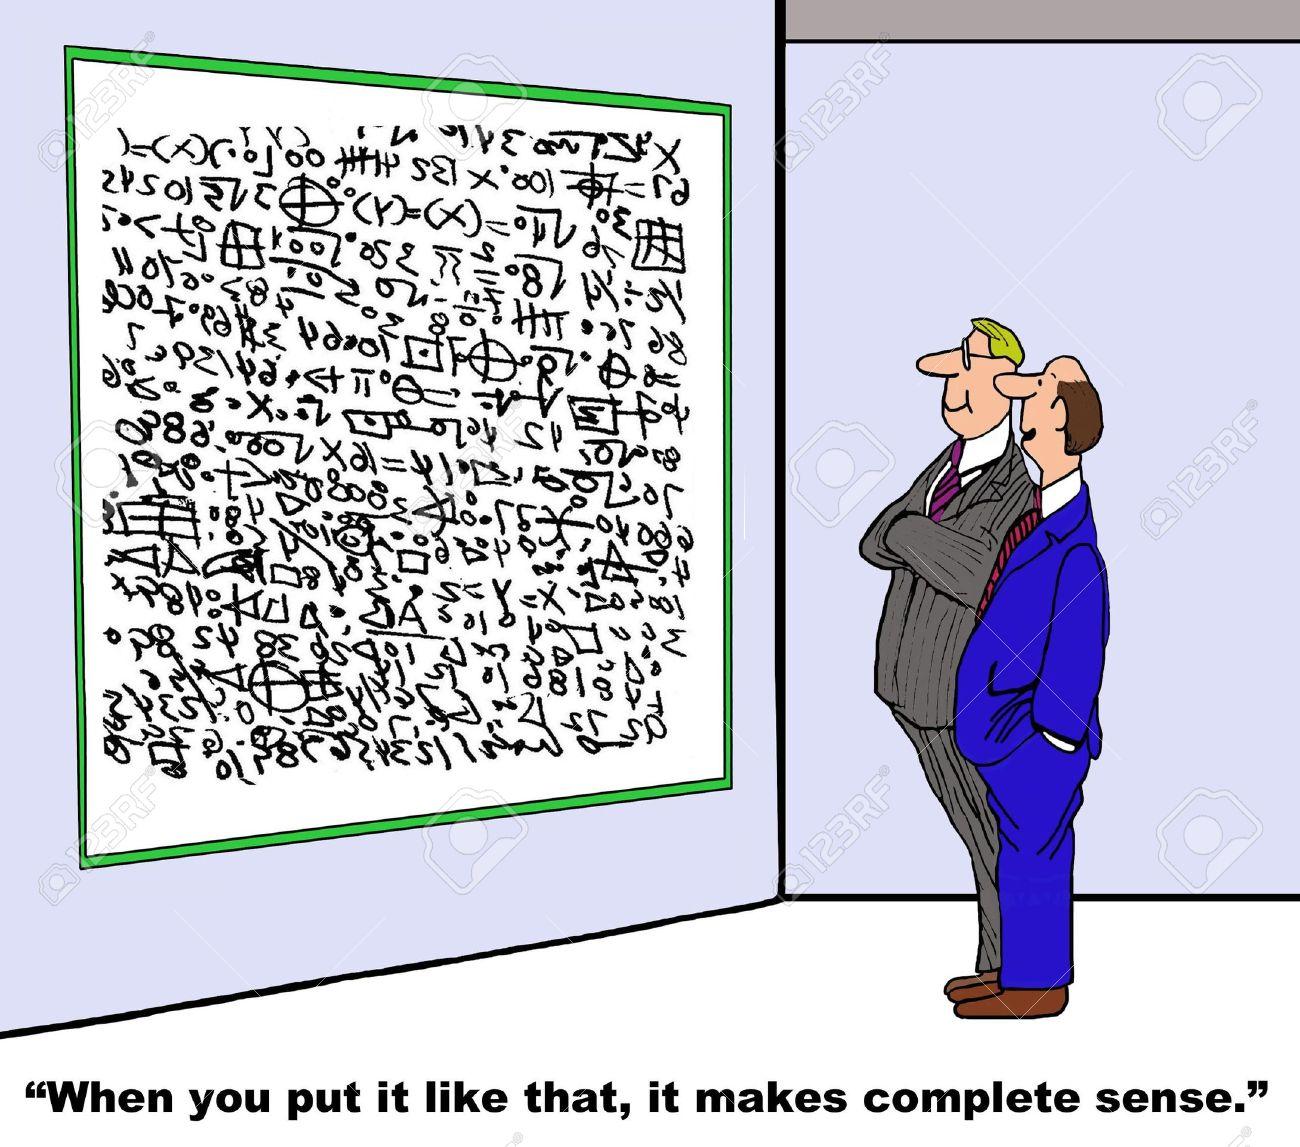 It Makes Complete Sense - 50276875